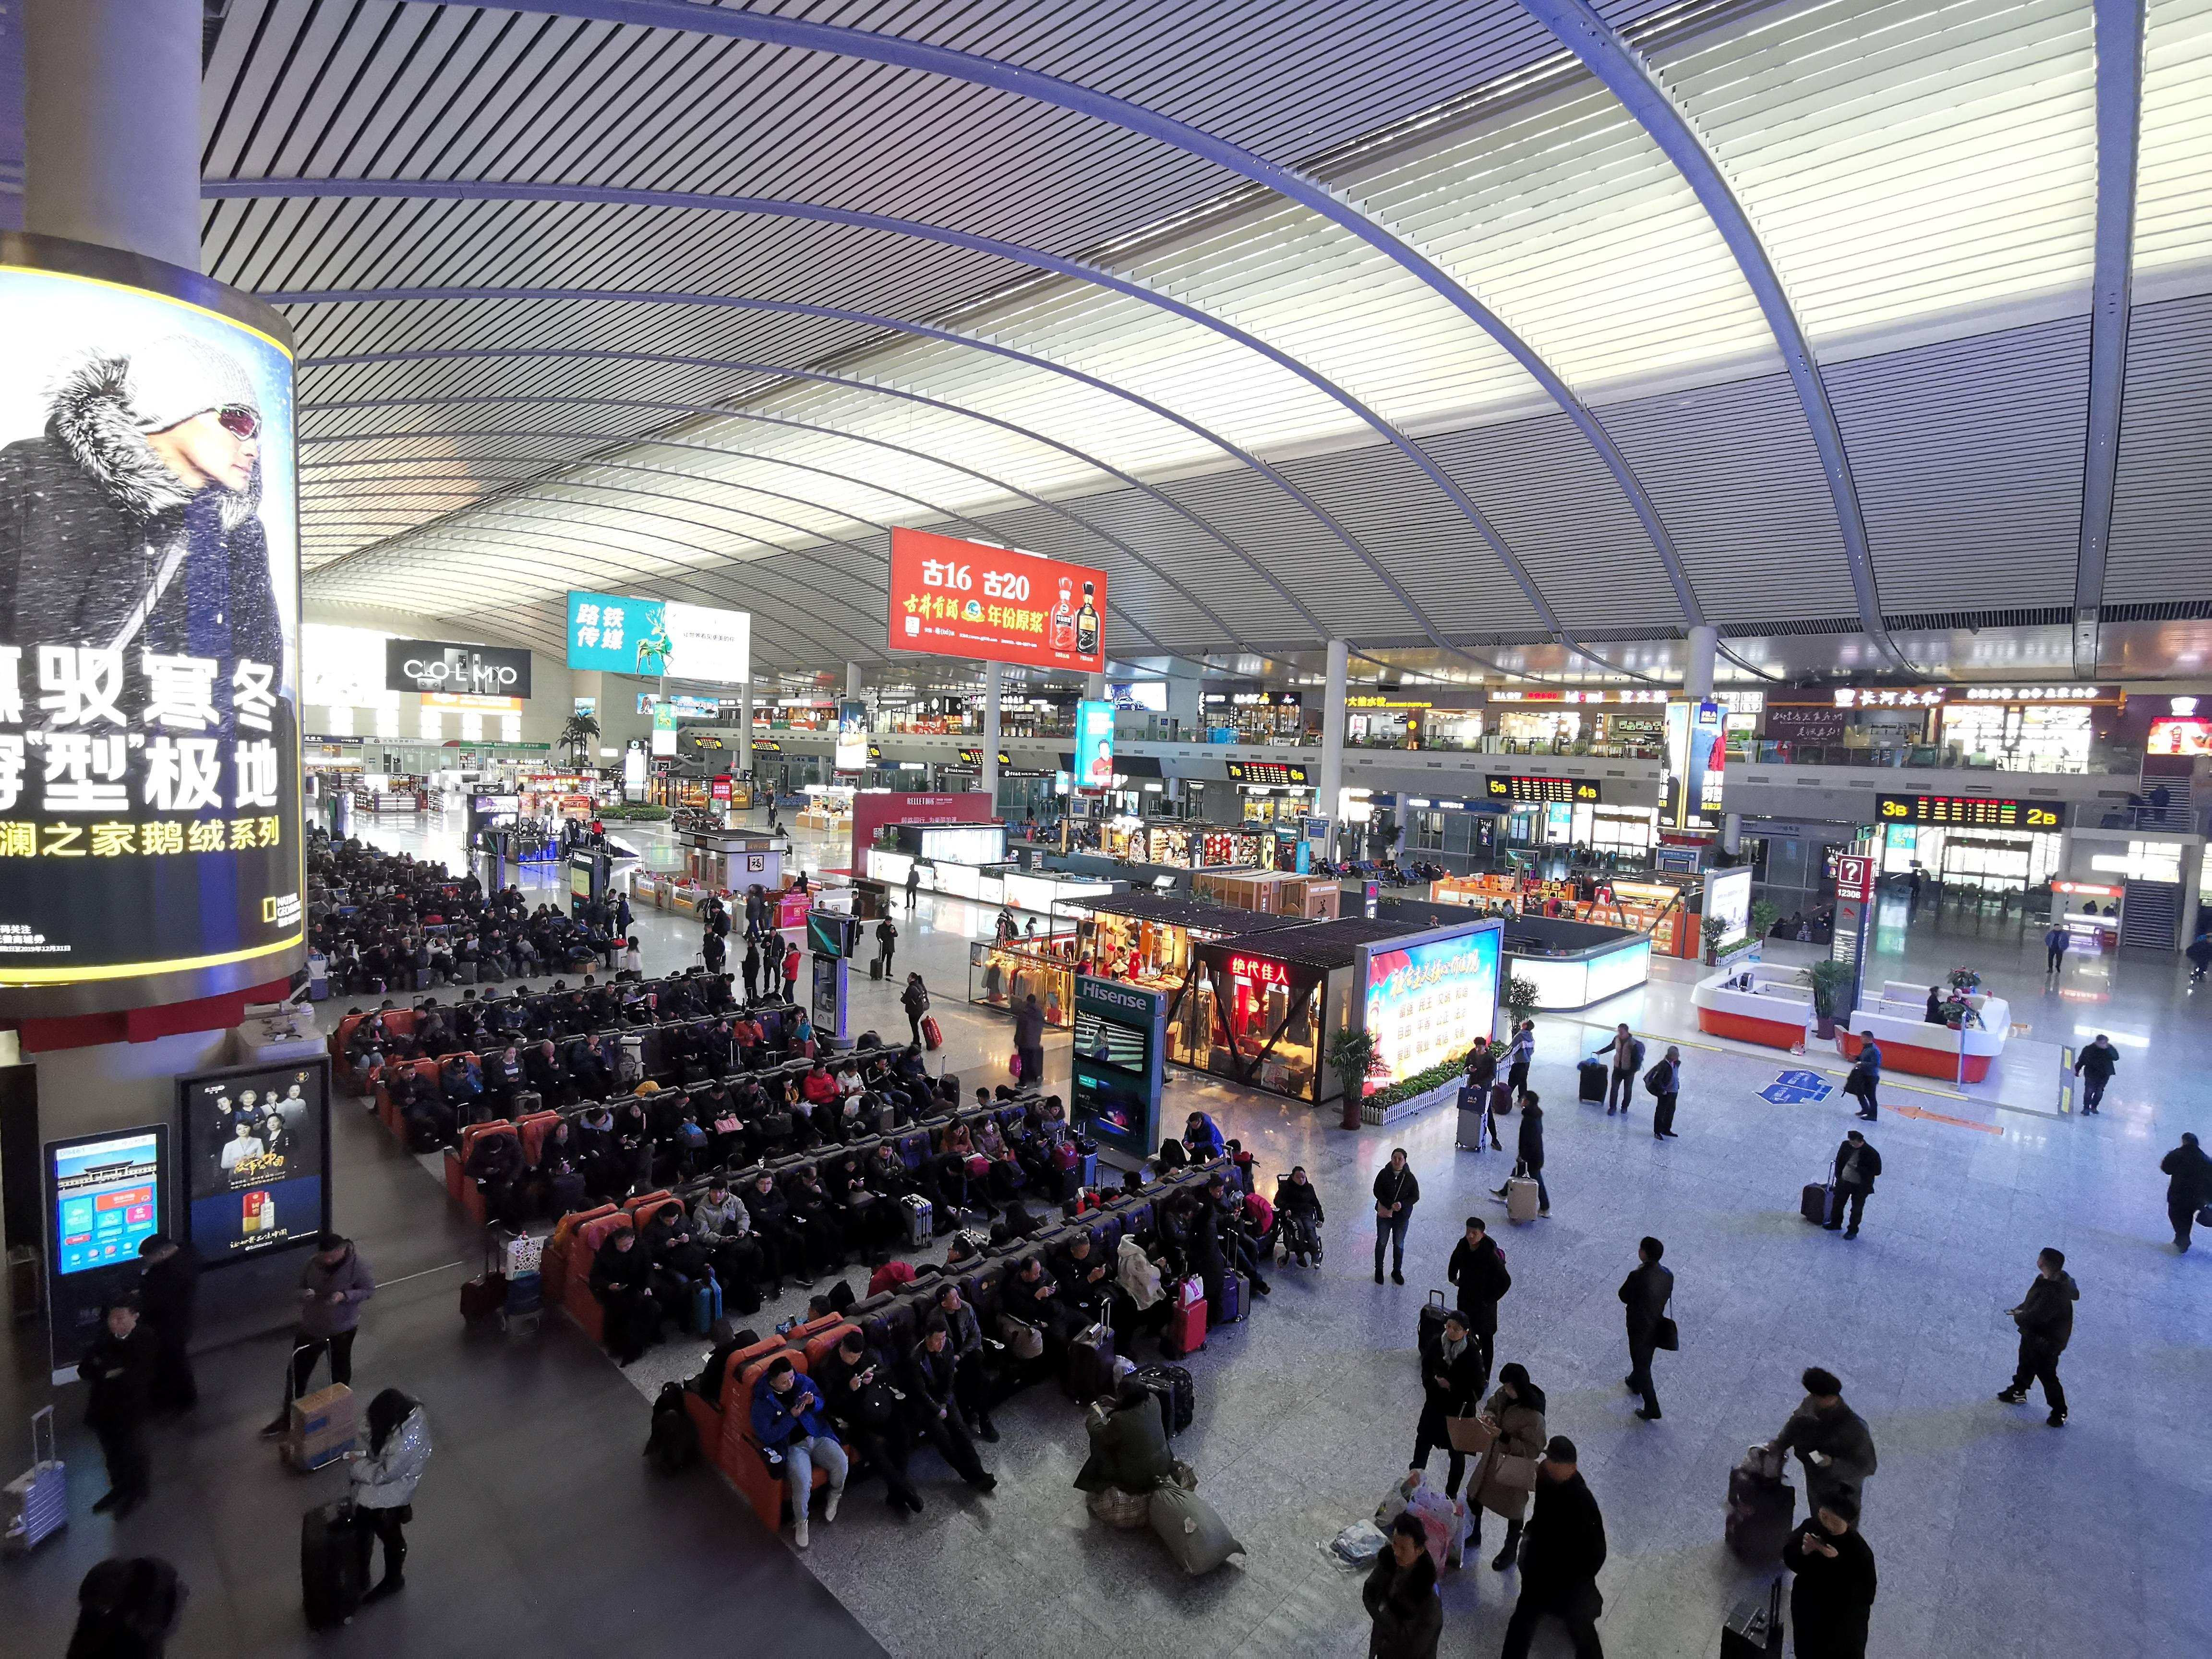 2020年铁路春运明天启动 济青周边区域首开高铁无轨站